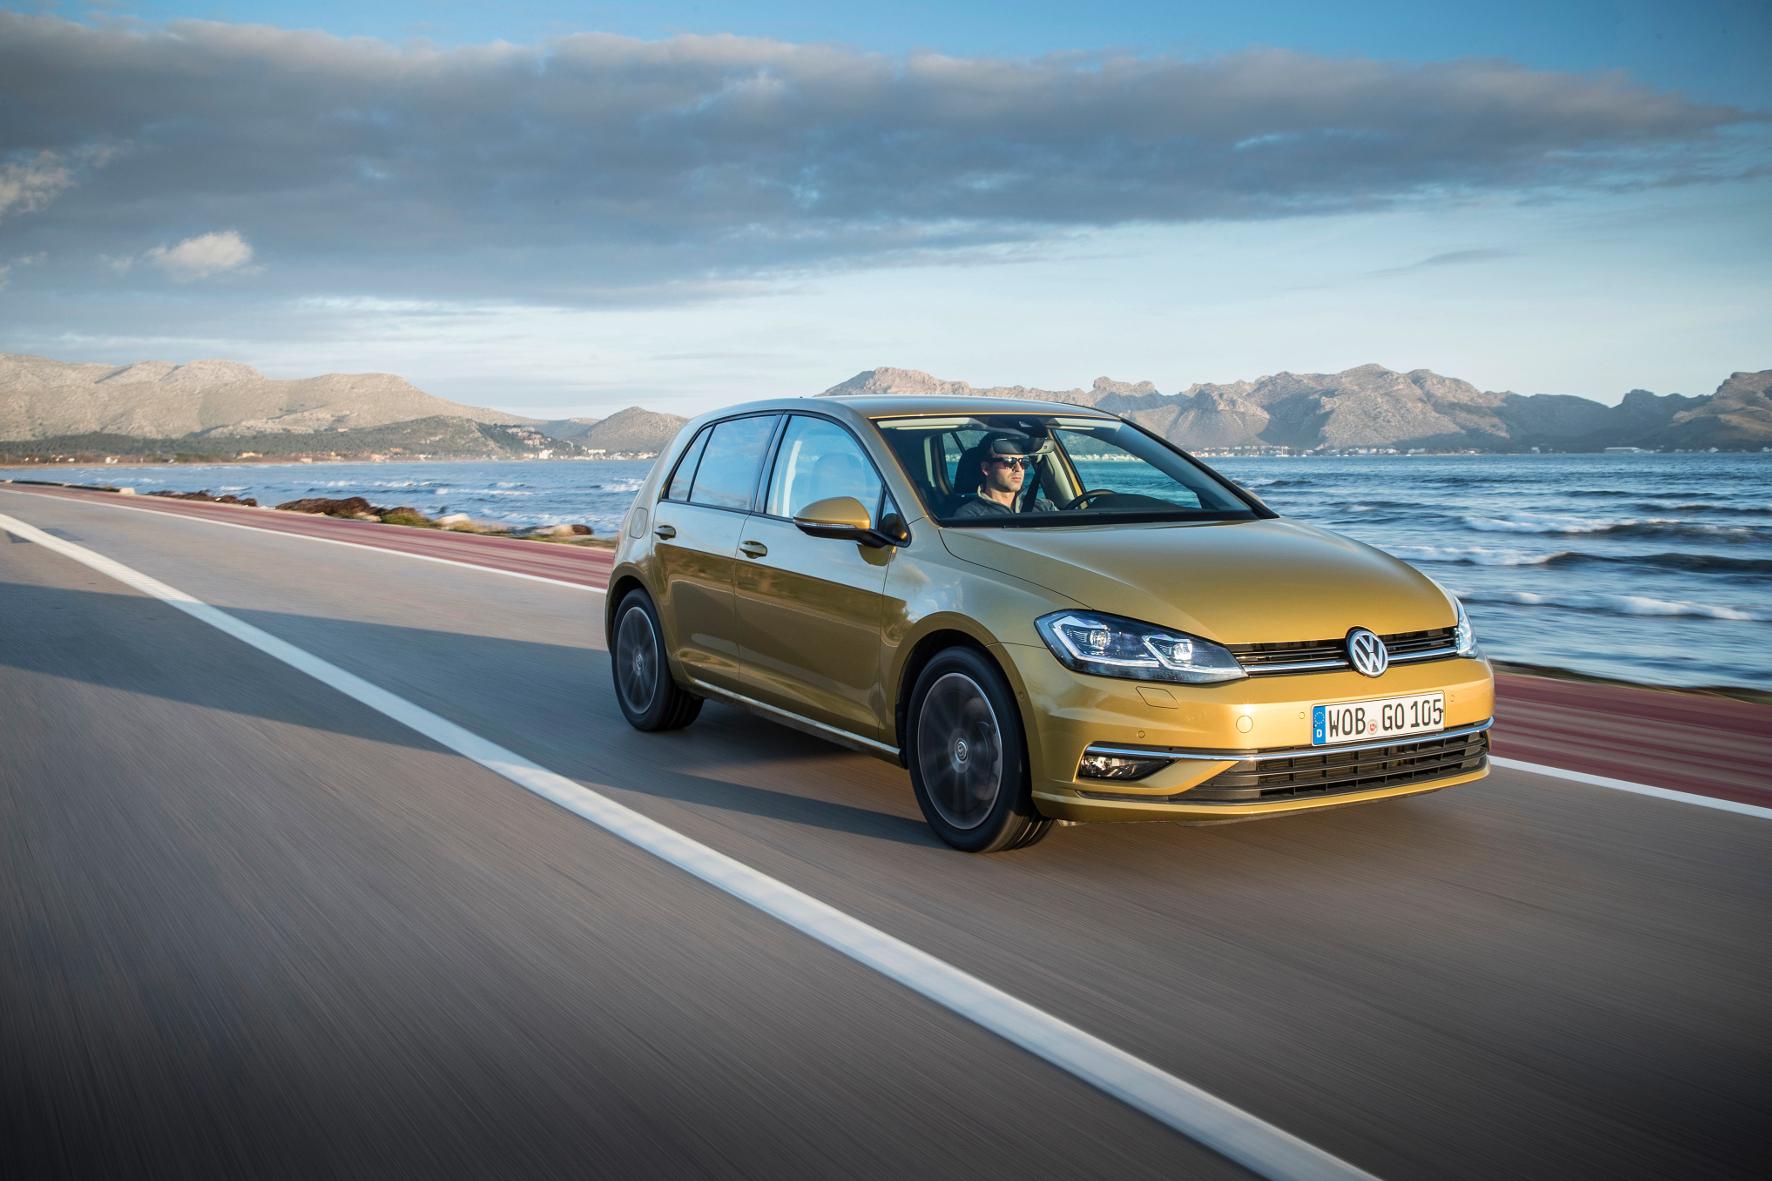 Rekord: VW liefert erstmals über eine Million Fahrzeuge im Monat aus